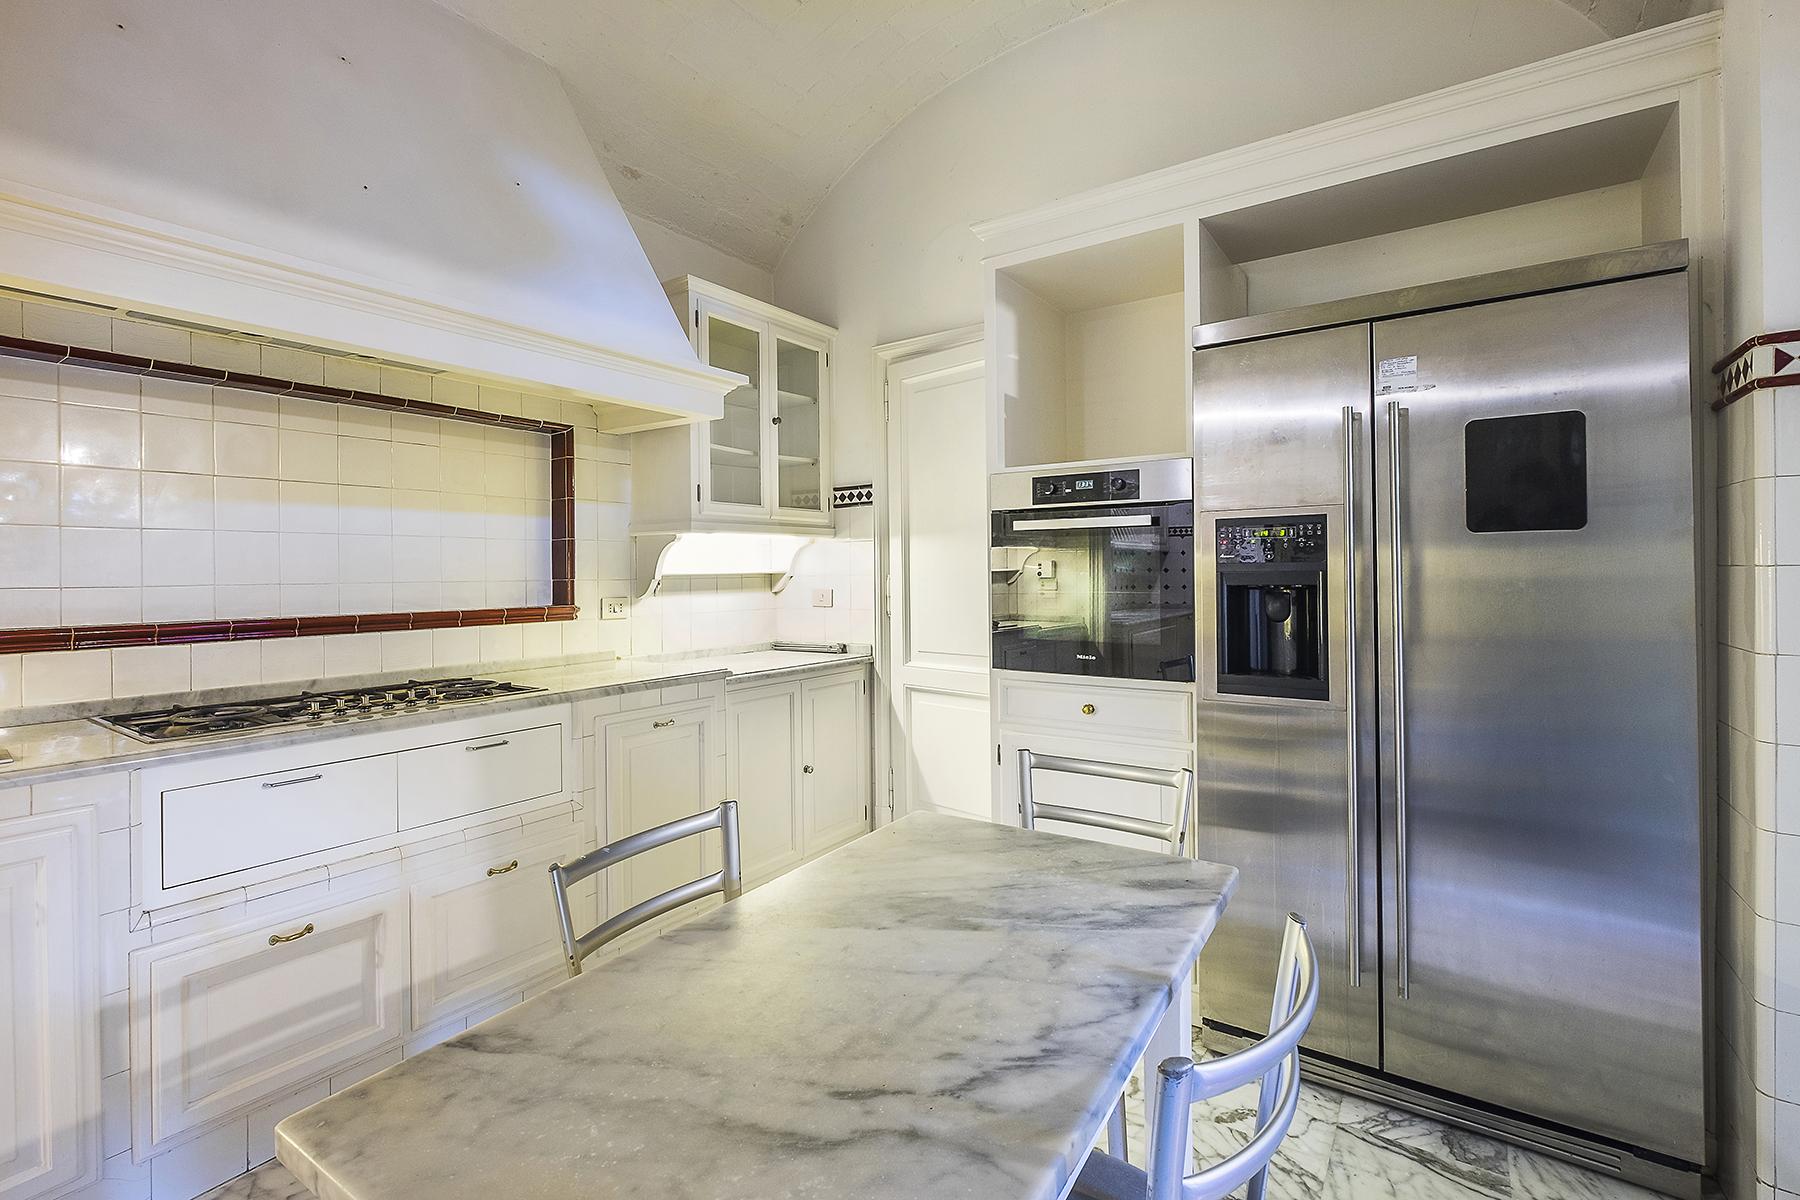 Appartamento di lusso in affitto a roma via aventina for Locali uso ufficio in affitto a roma